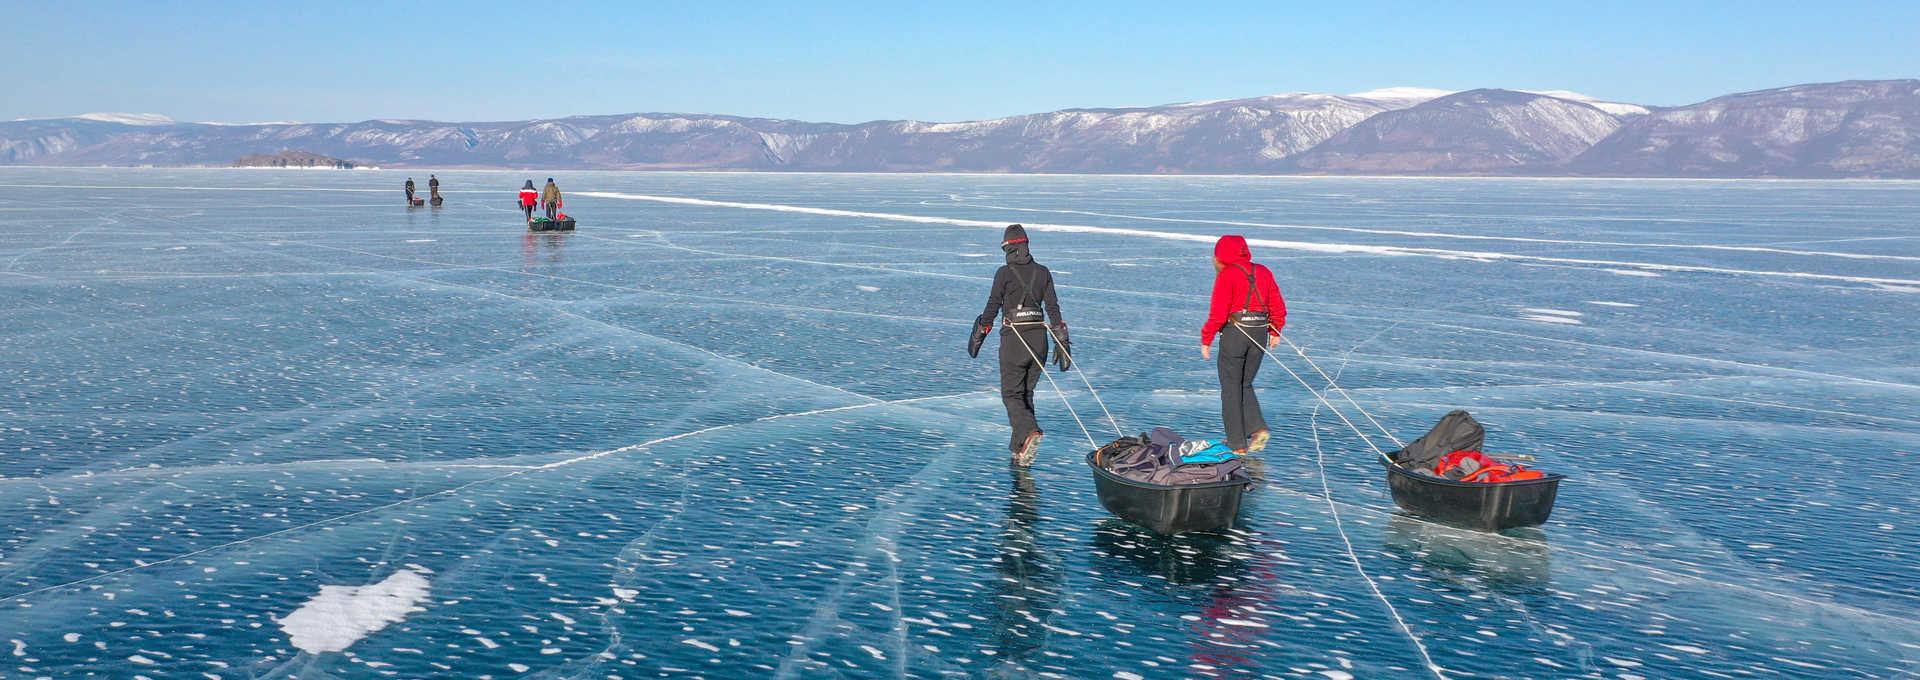 Randonnée en pulka sur la glace du Baikal